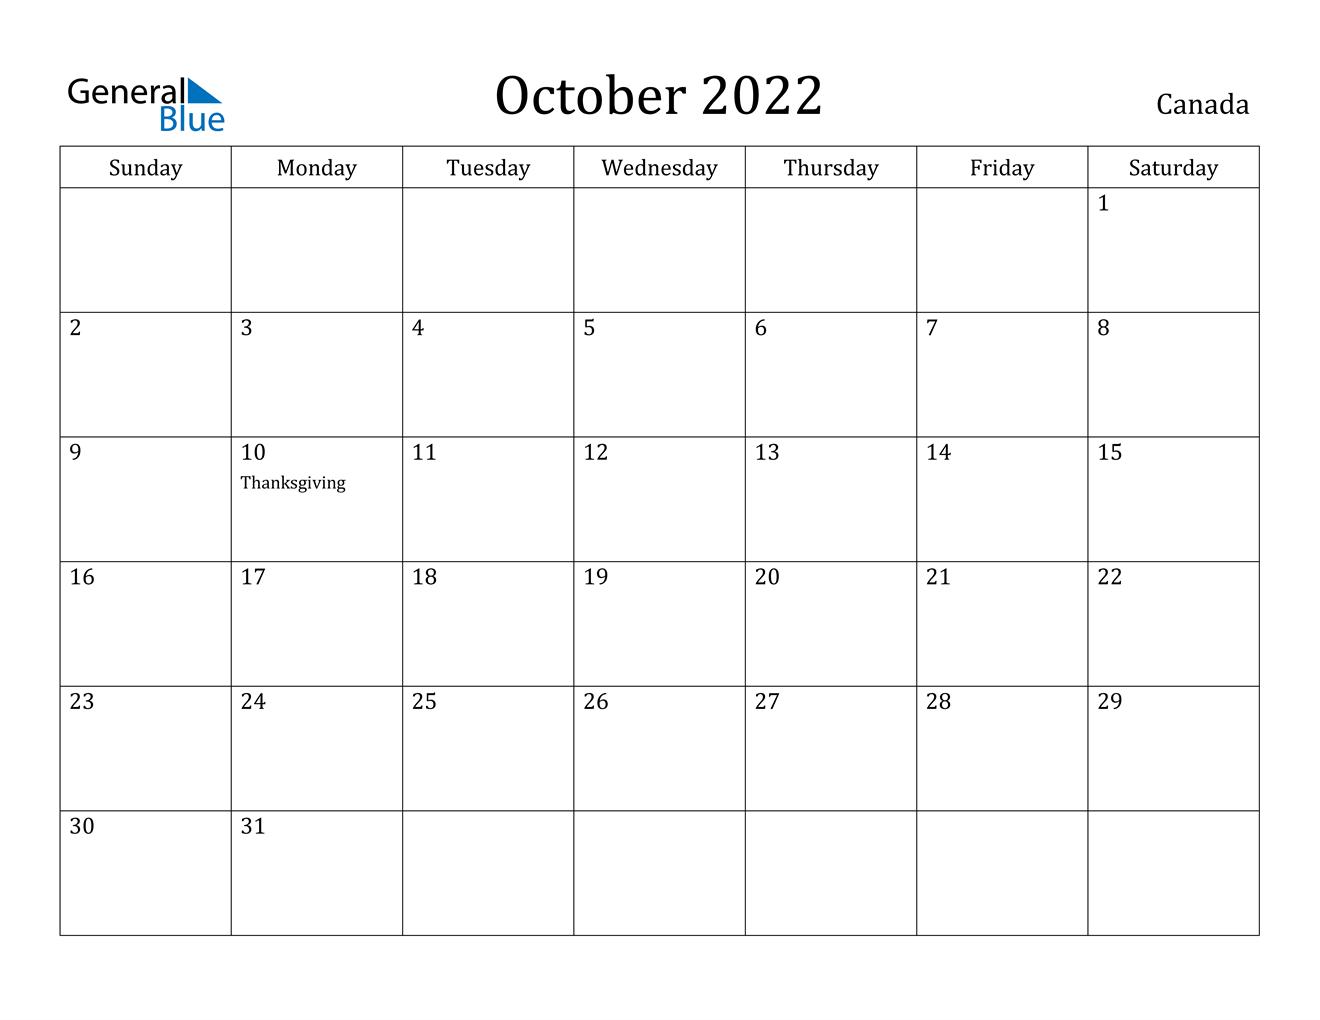 October 2022 Calendar - Canada